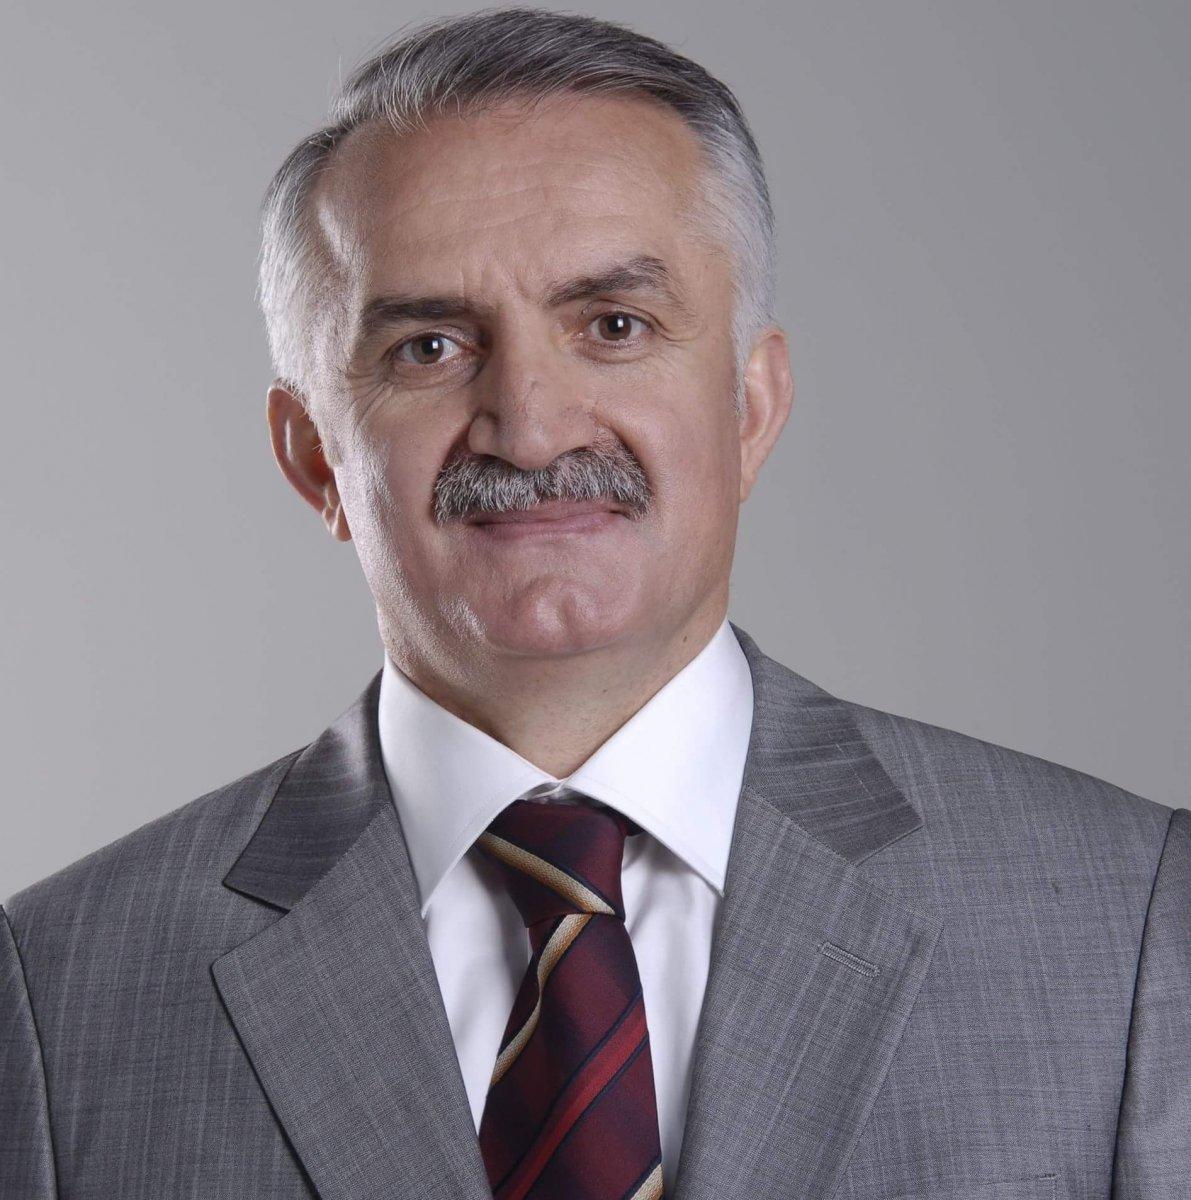 Çayeli Belediye Başkanı, ağabeyini vekaleten belediye başkan yardımcısı atadı #3